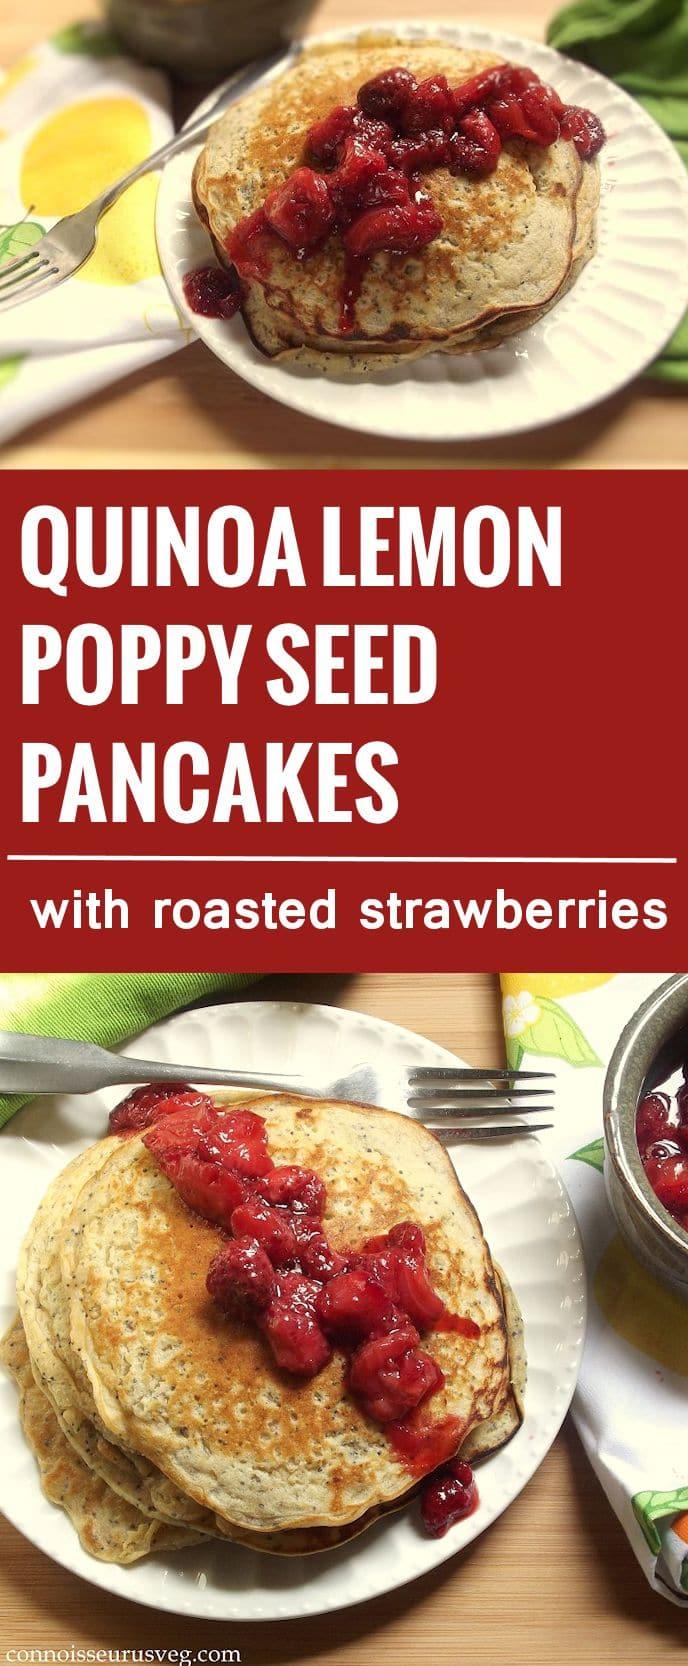 Quinoa Lemon Poppy Seed Pancakes - Connoisseurus Veg